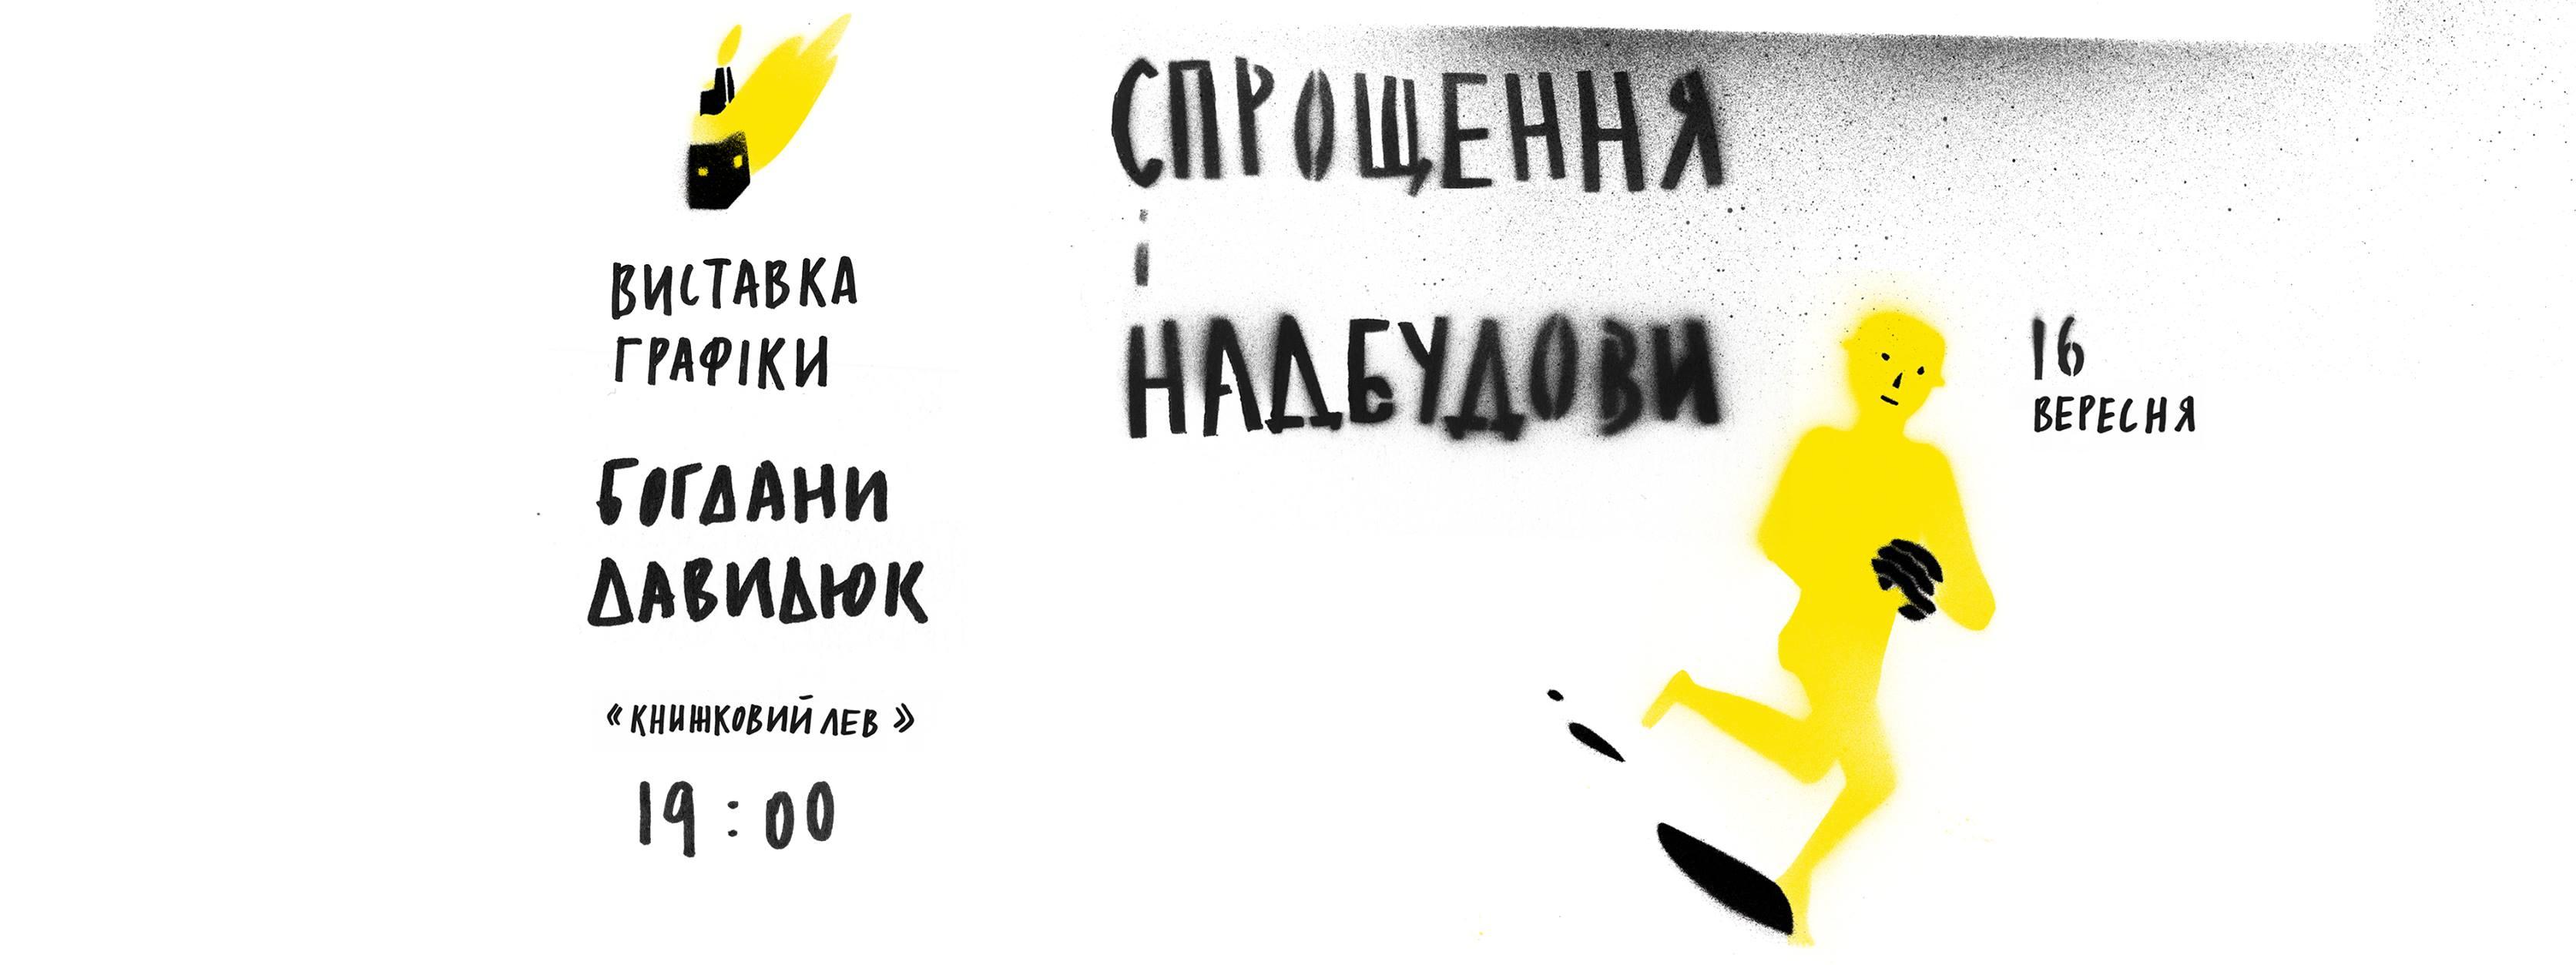 Митецький грудень: гід по арт-виставках України